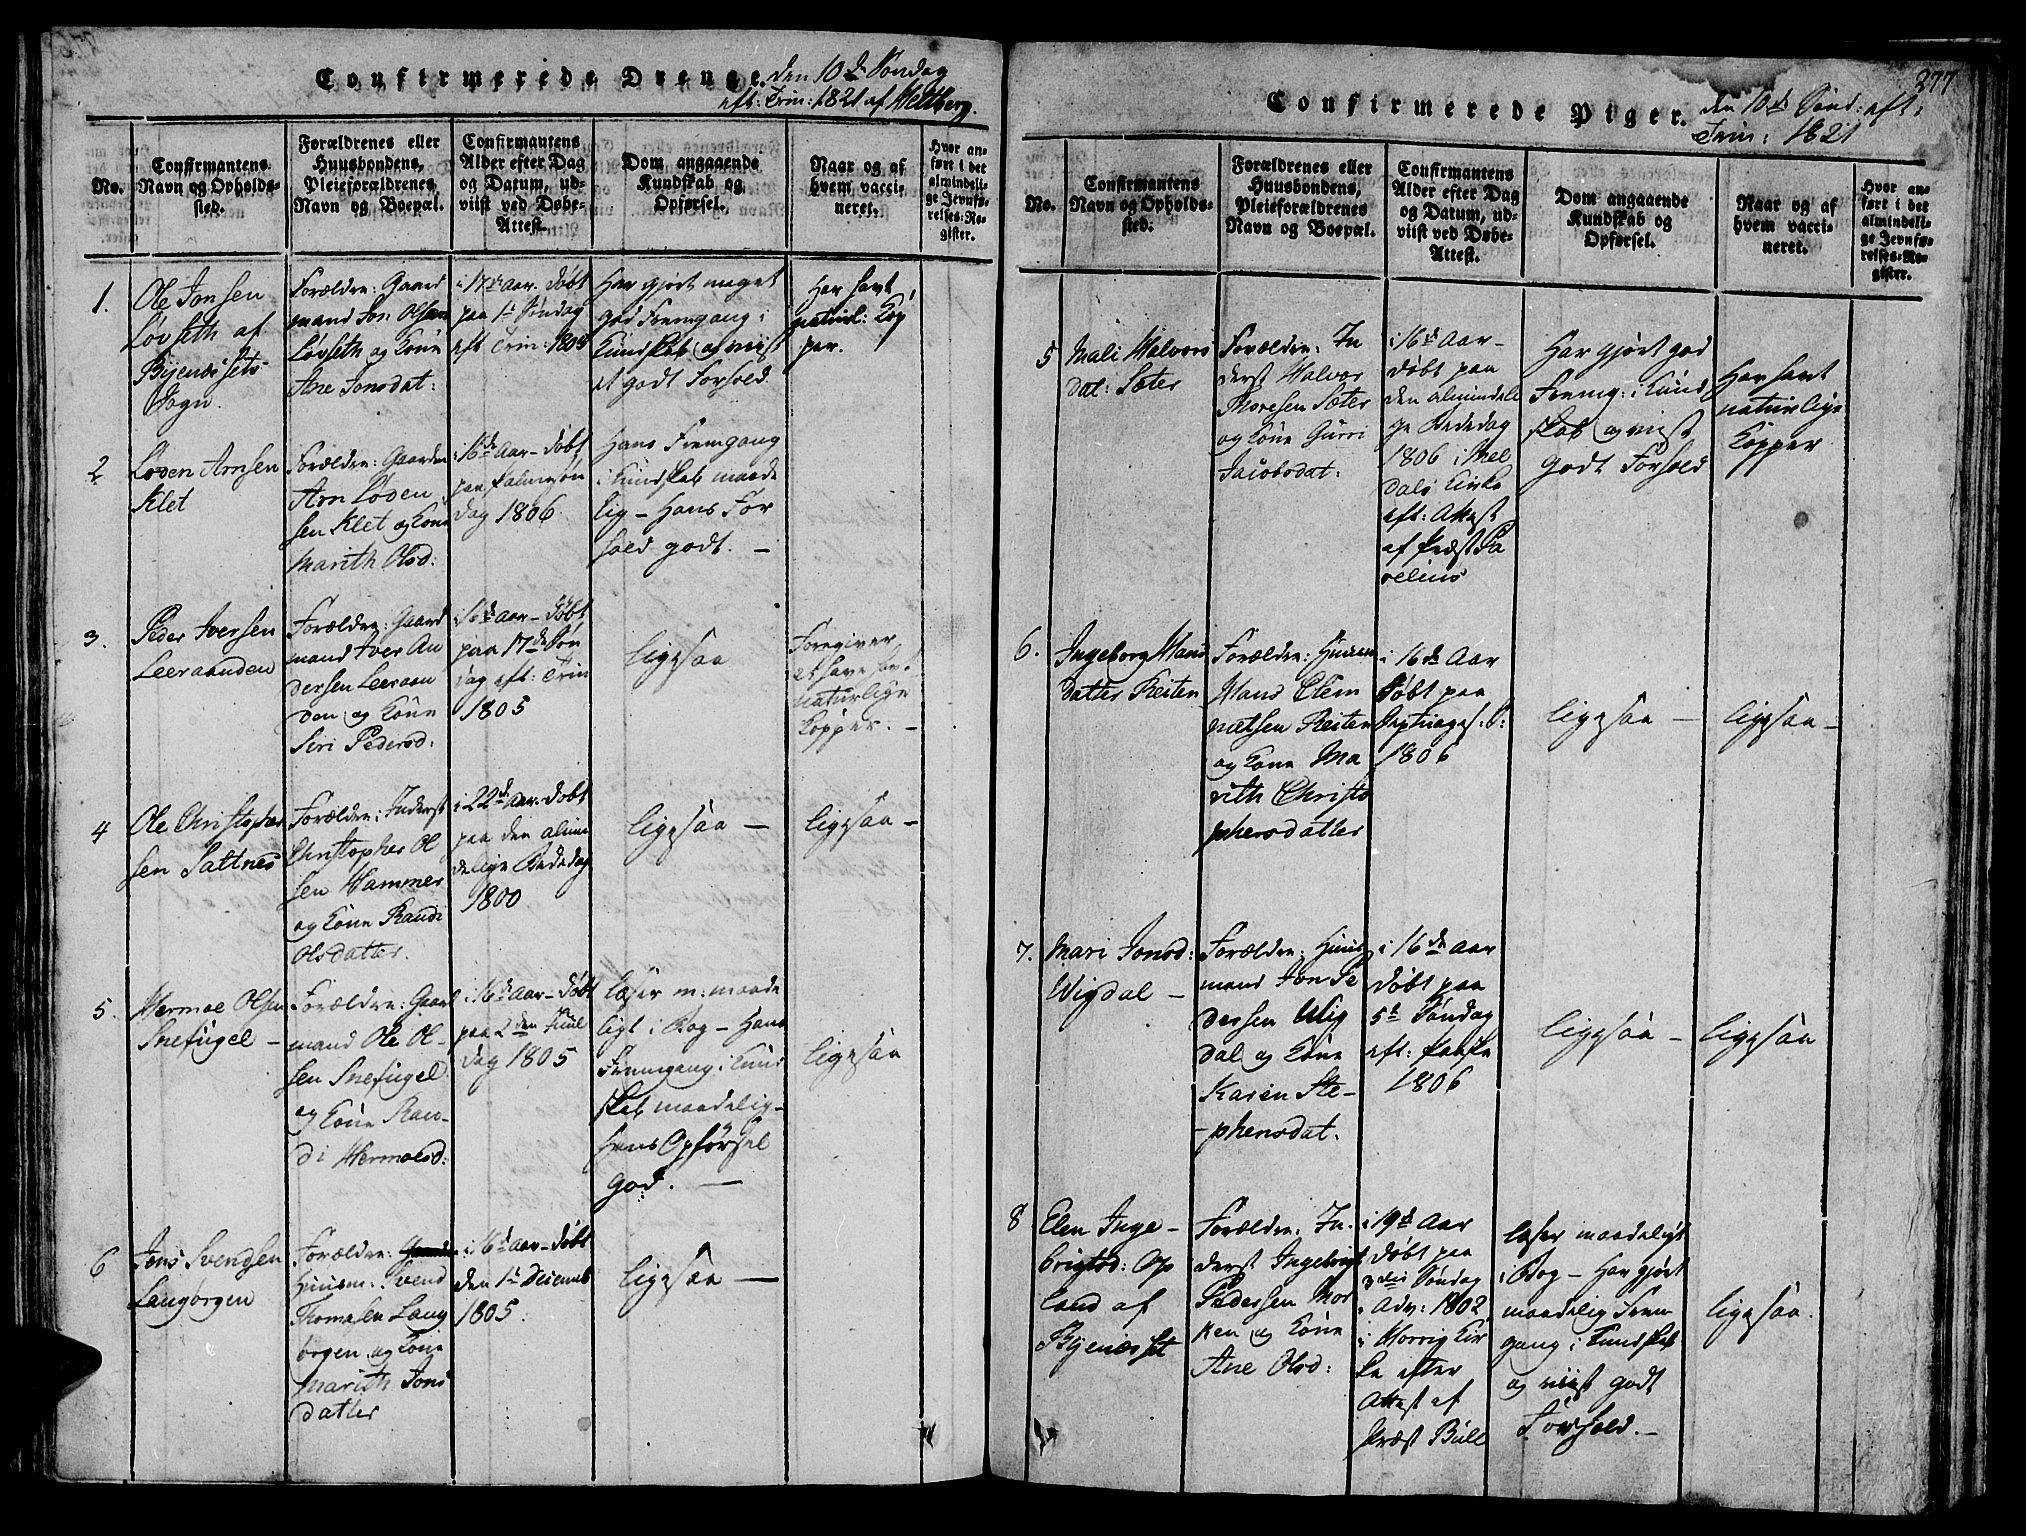 SAT, Ministerialprotokoller, klokkerbøker og fødselsregistre - Sør-Trøndelag, 612/L0373: Ministerialbok nr. 612A06 /2, 1816-1828, s. 277